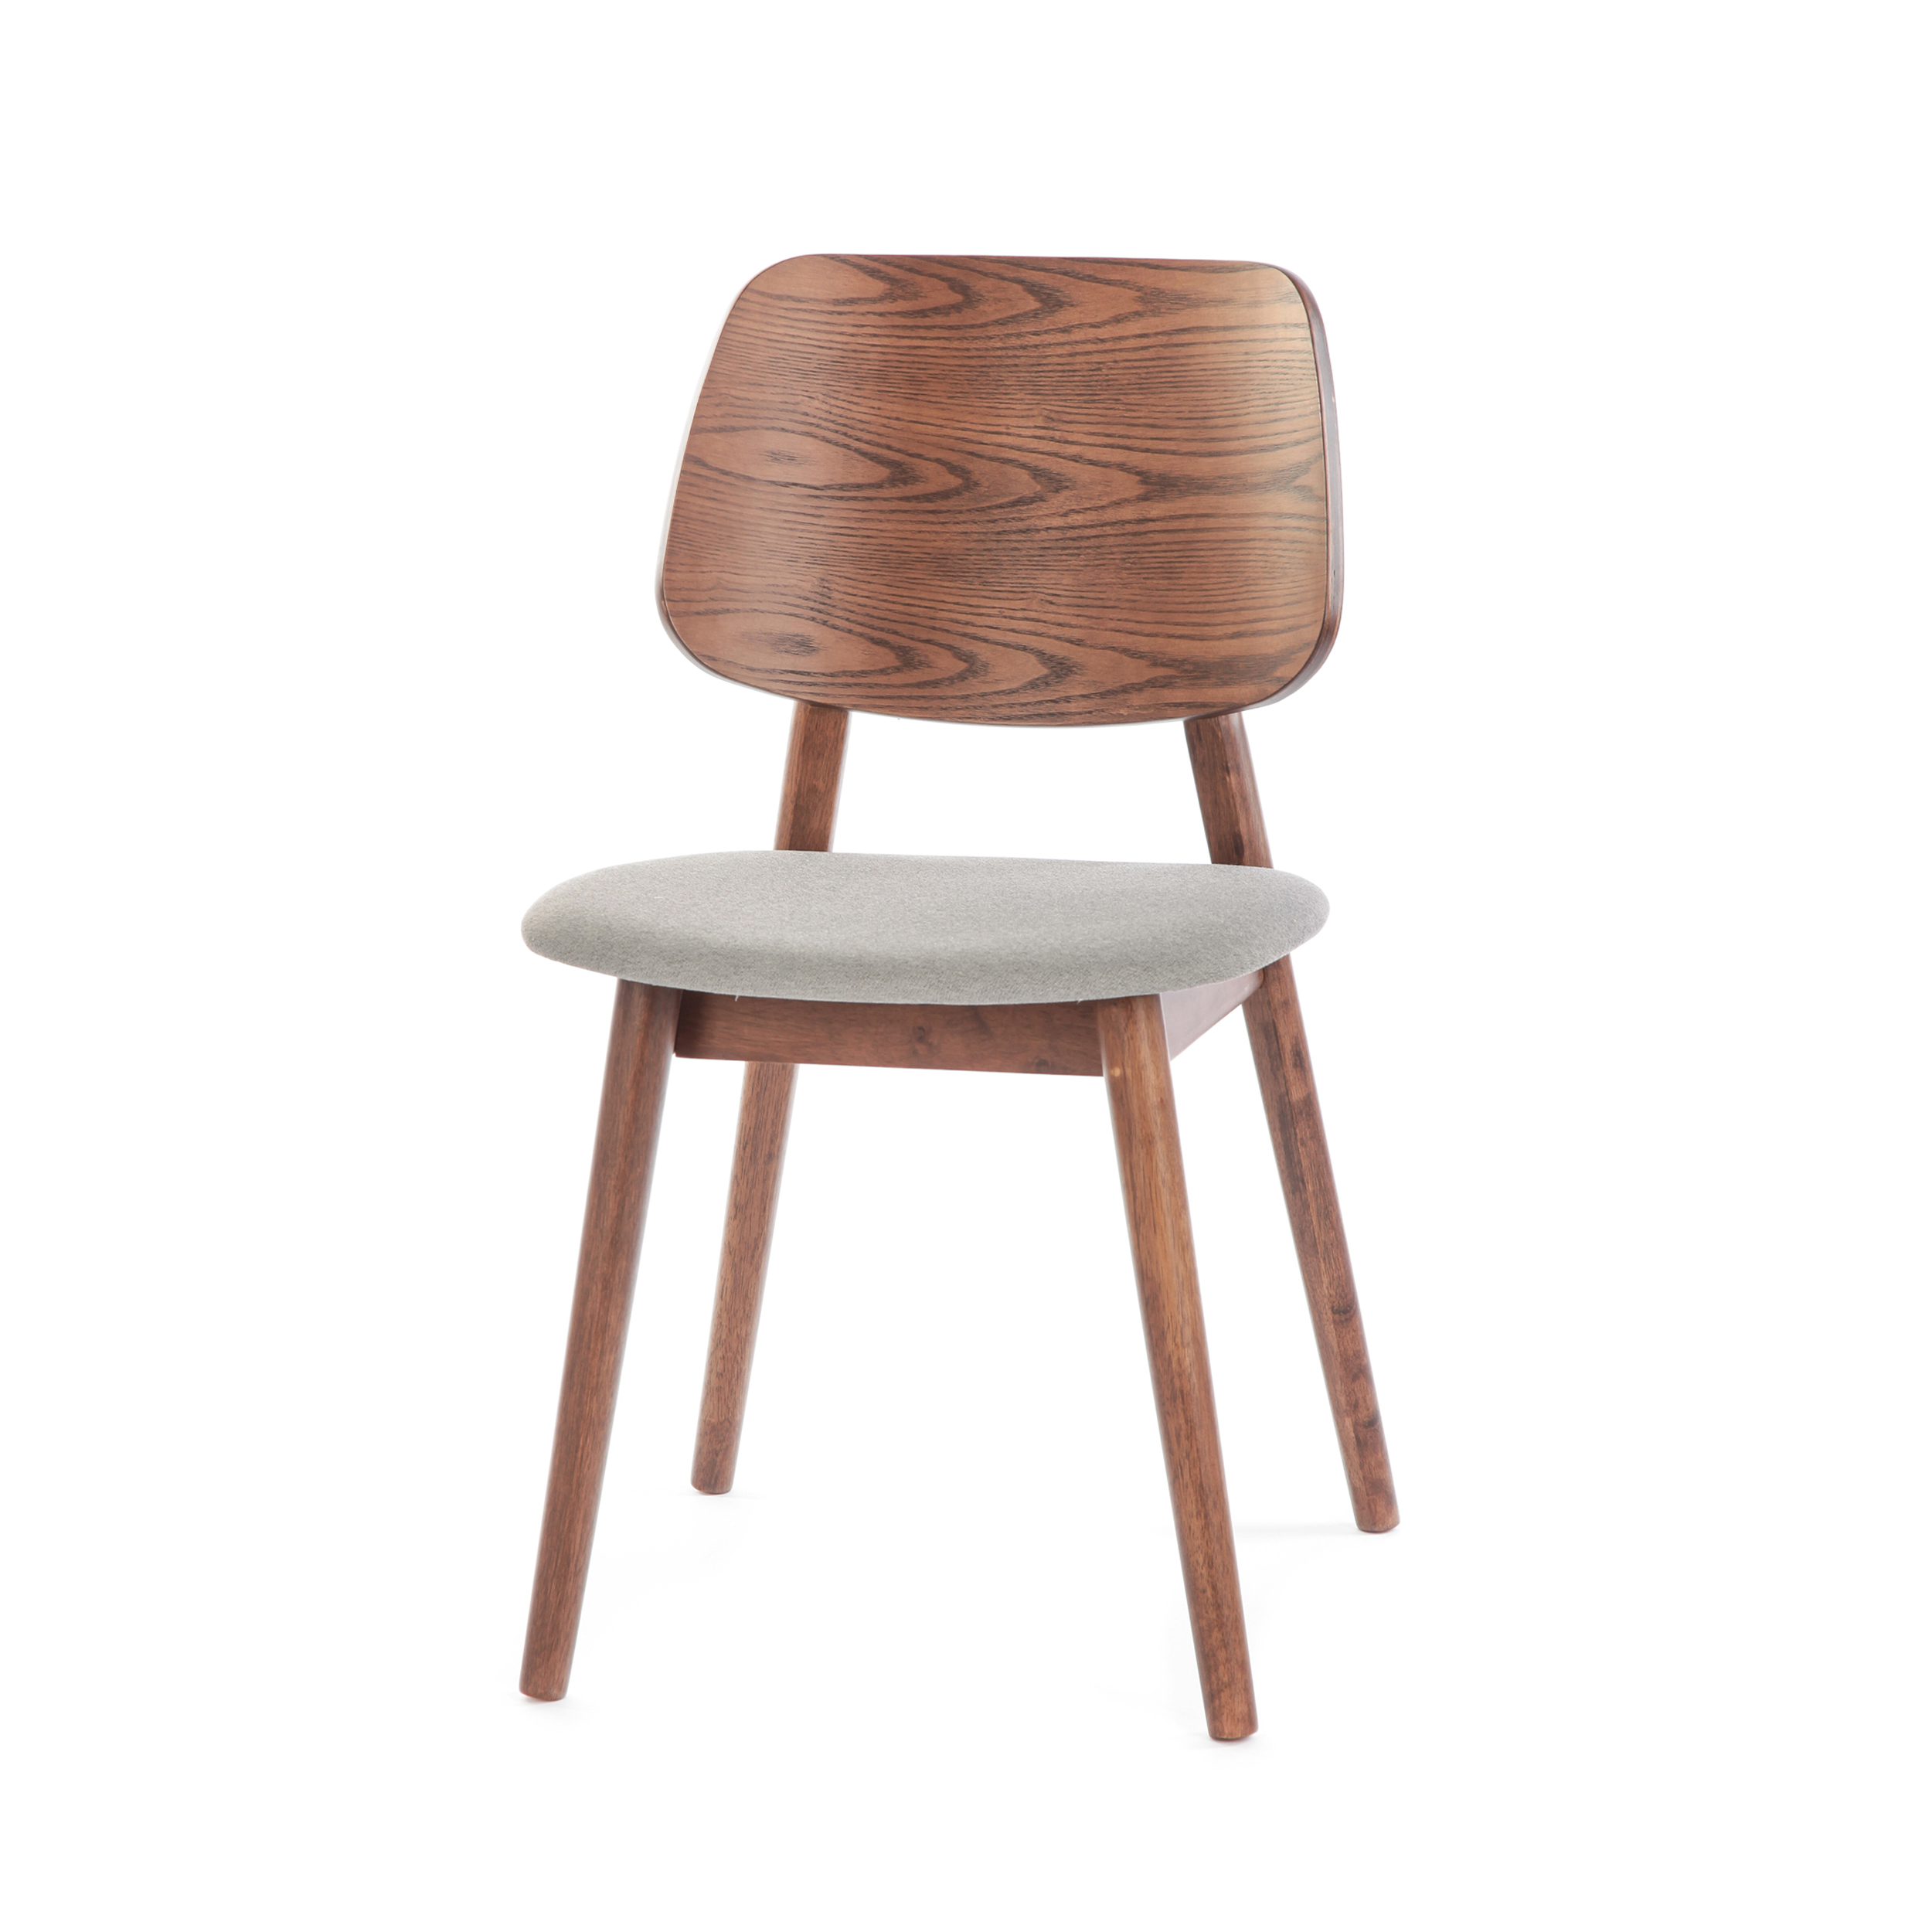 Стул LuusИнтерьерные<br>Простой стиль этой модели делает ее очень функциональной – стул Luus подойдет как для дополнения мебельного ансамбля гостиной комнаты, так и для создания уютной и комфортной обстановки на кухне или в столовой. Стул выполнен в классическом стиле и спокойной цветовой гамме.<br><br><br> На выбор предлагаются различные варианты расцветки под разные породы дерева, однако сам каркас стула изготавливается из прочного и надежного массива ясеня. Изделия из дерева высоко ценятся во многих интерьерных стил...<br><br>stock: 45<br>Высота: 81,5<br>Ширина: 46<br>Глубина: 54,5<br>Цвет ножек: Орех<br>Цвет спинки: Орех<br>Материал ножек: Массив ясеня<br>Материал спинки: Фанера, шпон ясеня<br>Материал сидения: Полиэстер<br>Цвет сидения: Серый<br>Тип материала спинки: Фанера<br>Тип материала сидения: Ткань<br>Тип материала ножек: Дерево